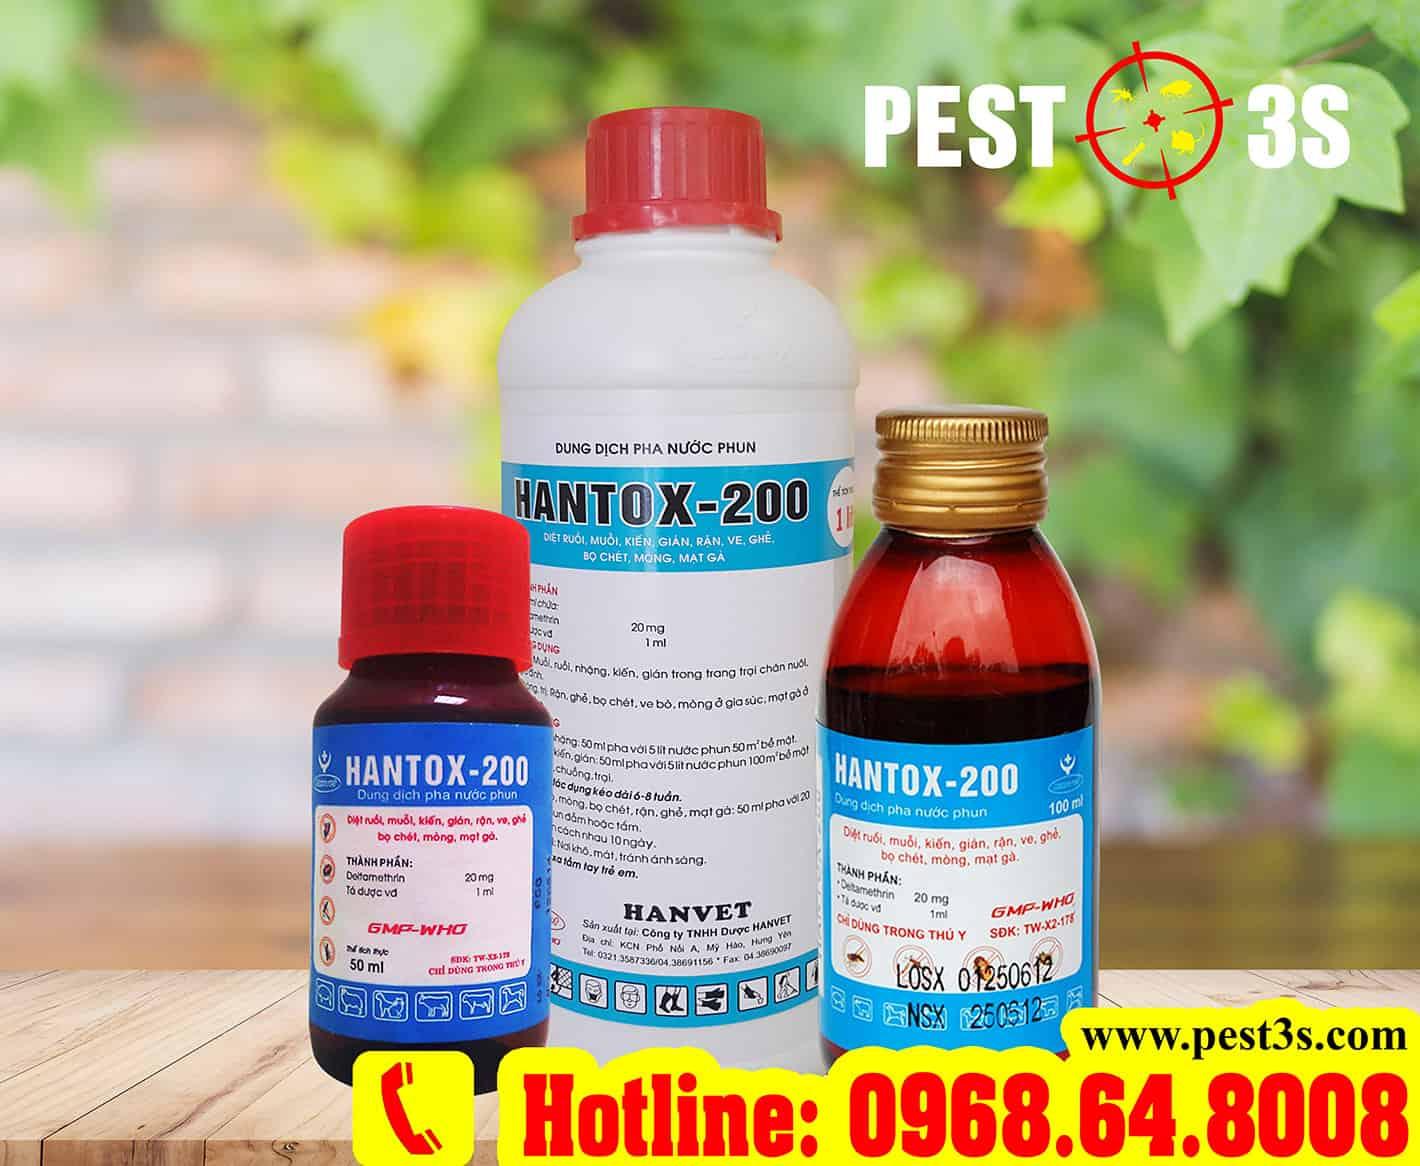 Thuốc diệt muỗi, ruồi, bọ chét Hantox-200